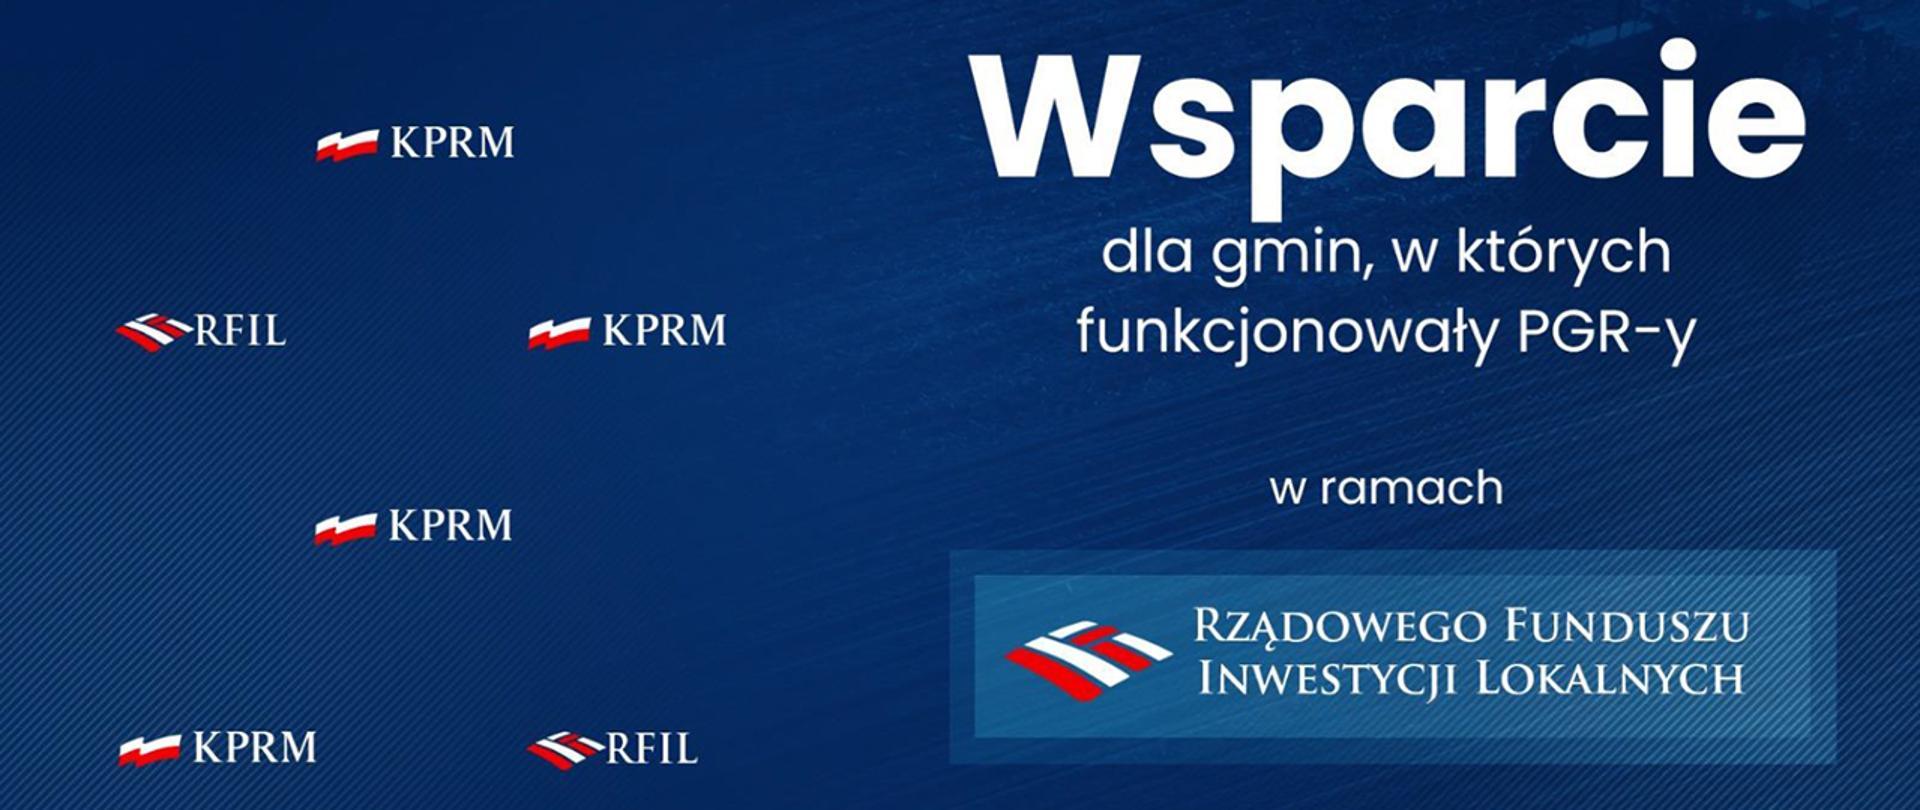 Plansza z napisem: Wsparcie dla gmin, w których funkcjonowały PGR-y w ramach Rządowego Funduszu Inwestycji Lokalnych.